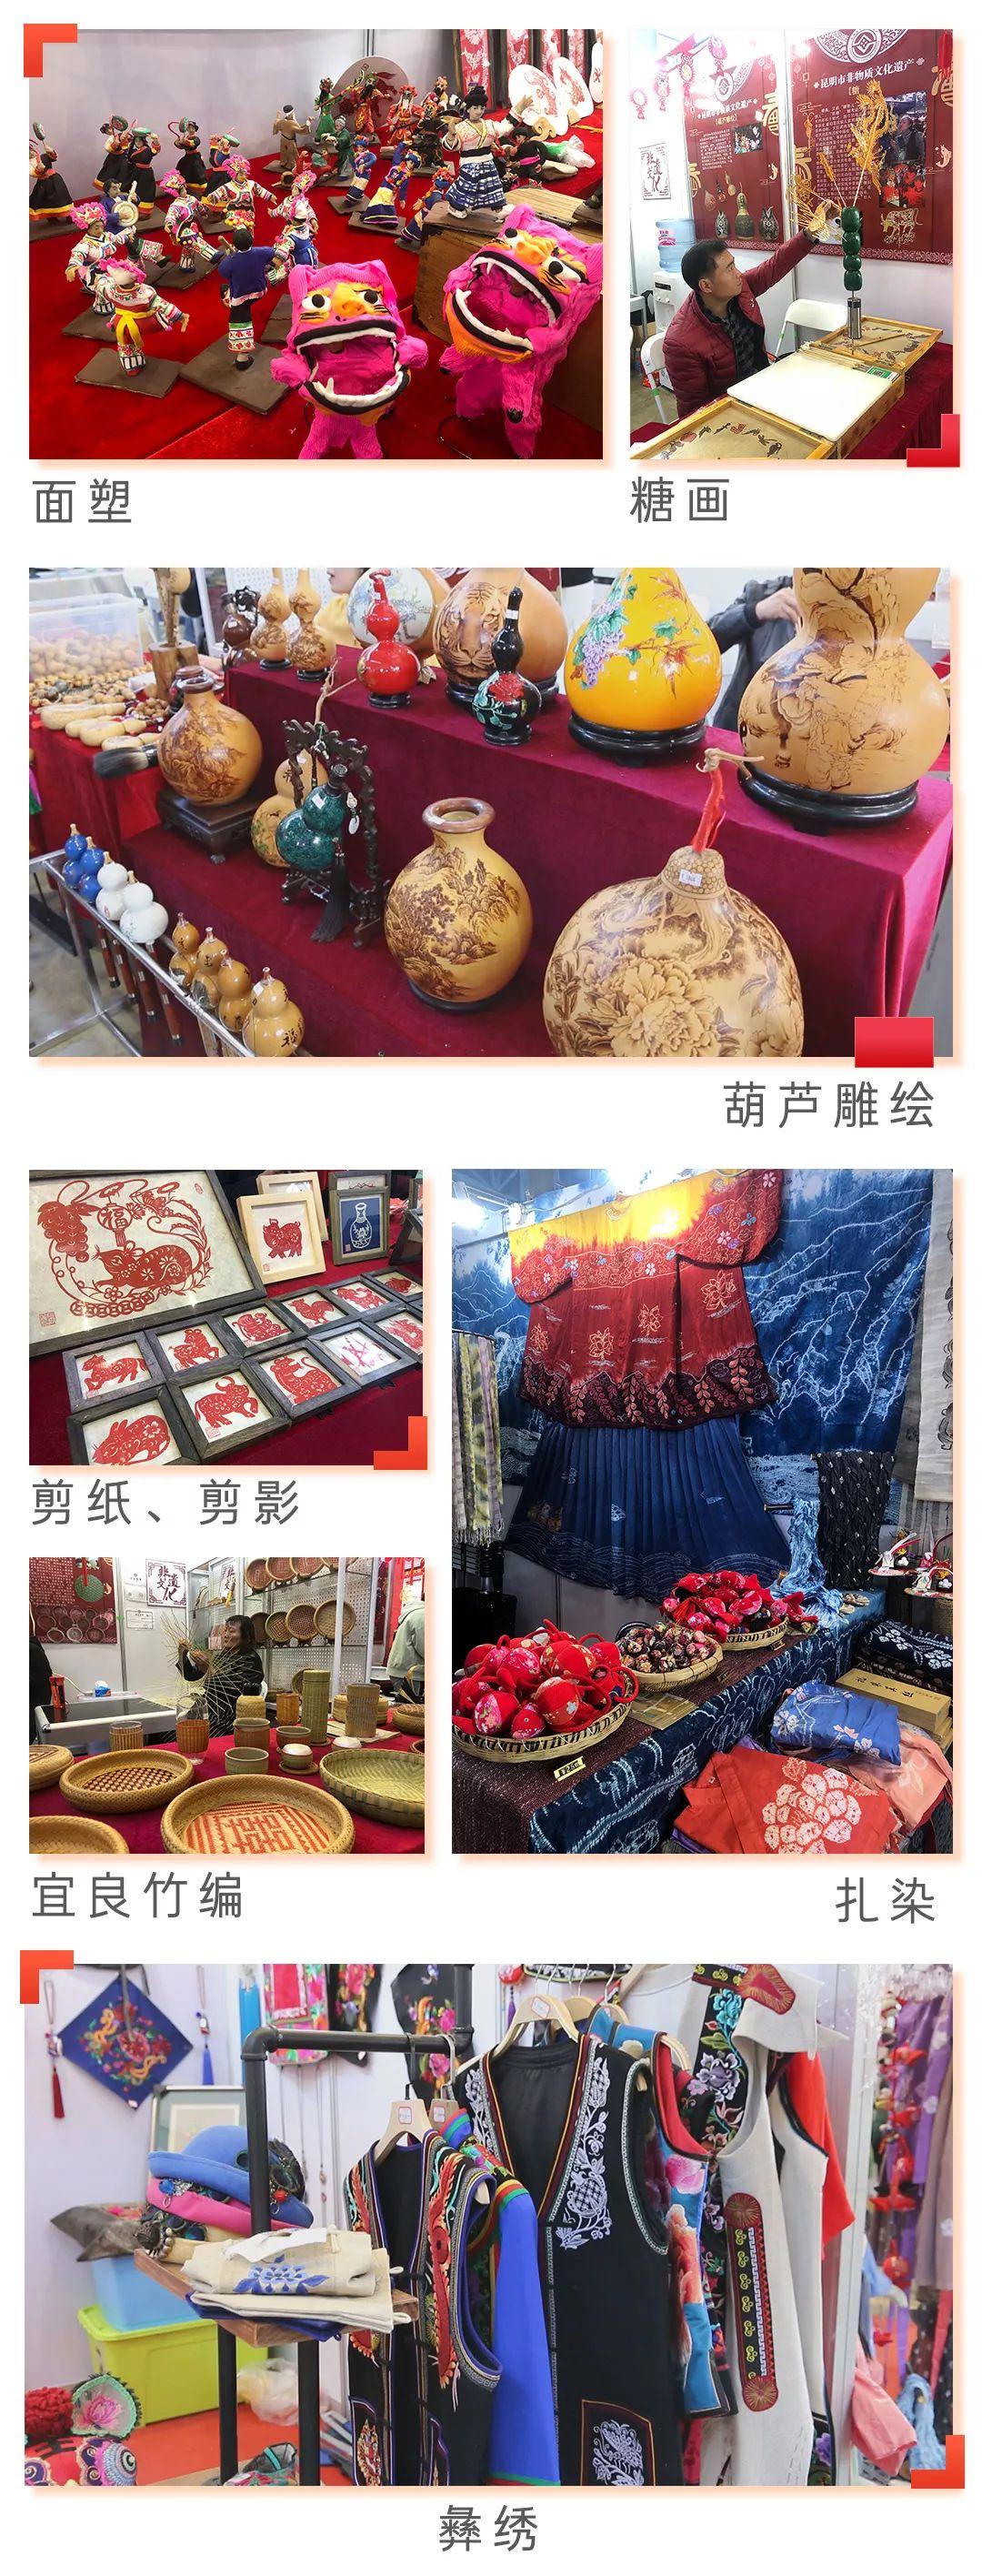 习近平云南行:共迎新春 走进昆明新春购物博览会